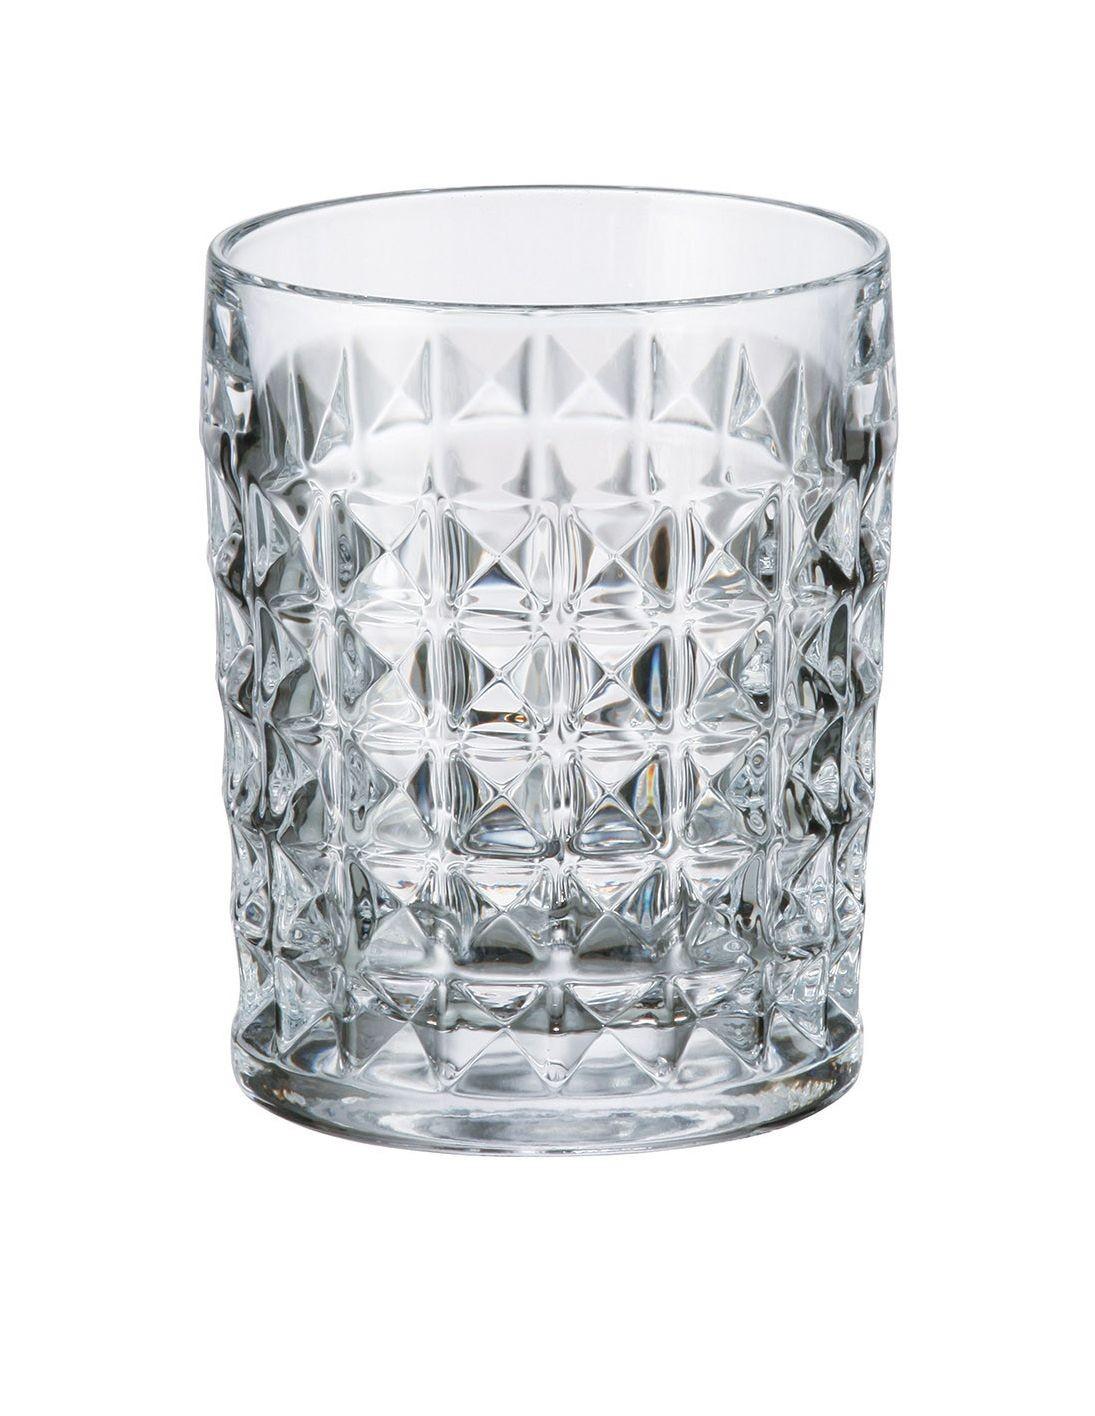 ποτήρι ουίσκι κρυστάλλινο Diamond σετ 6τμχ.Bohemia home   ειδη σερβιρισματος   ποτήρια